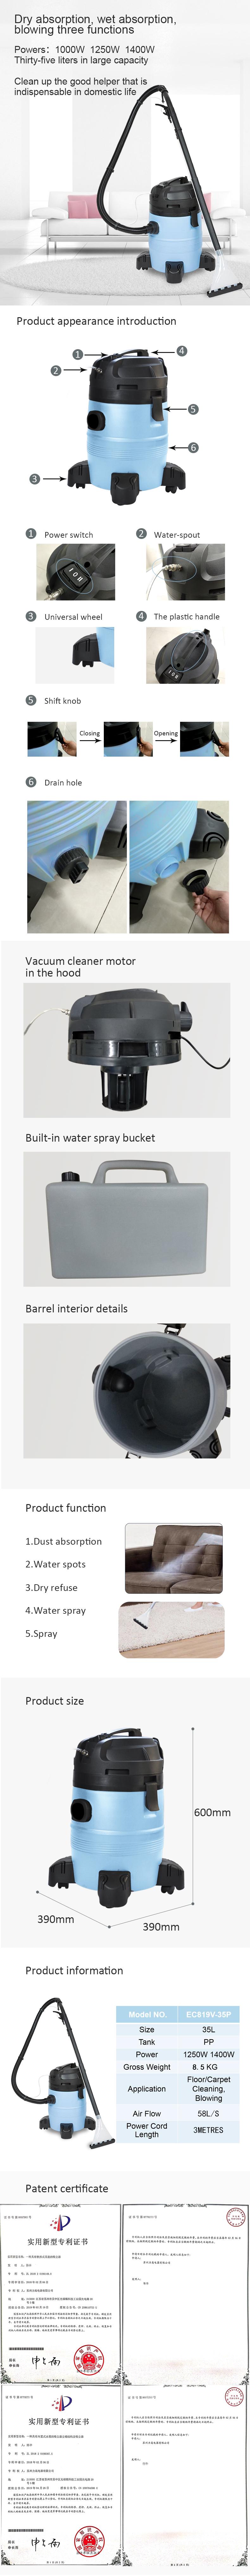 カーペット掃除機シャンプー機能もたらすスプレーヘッド